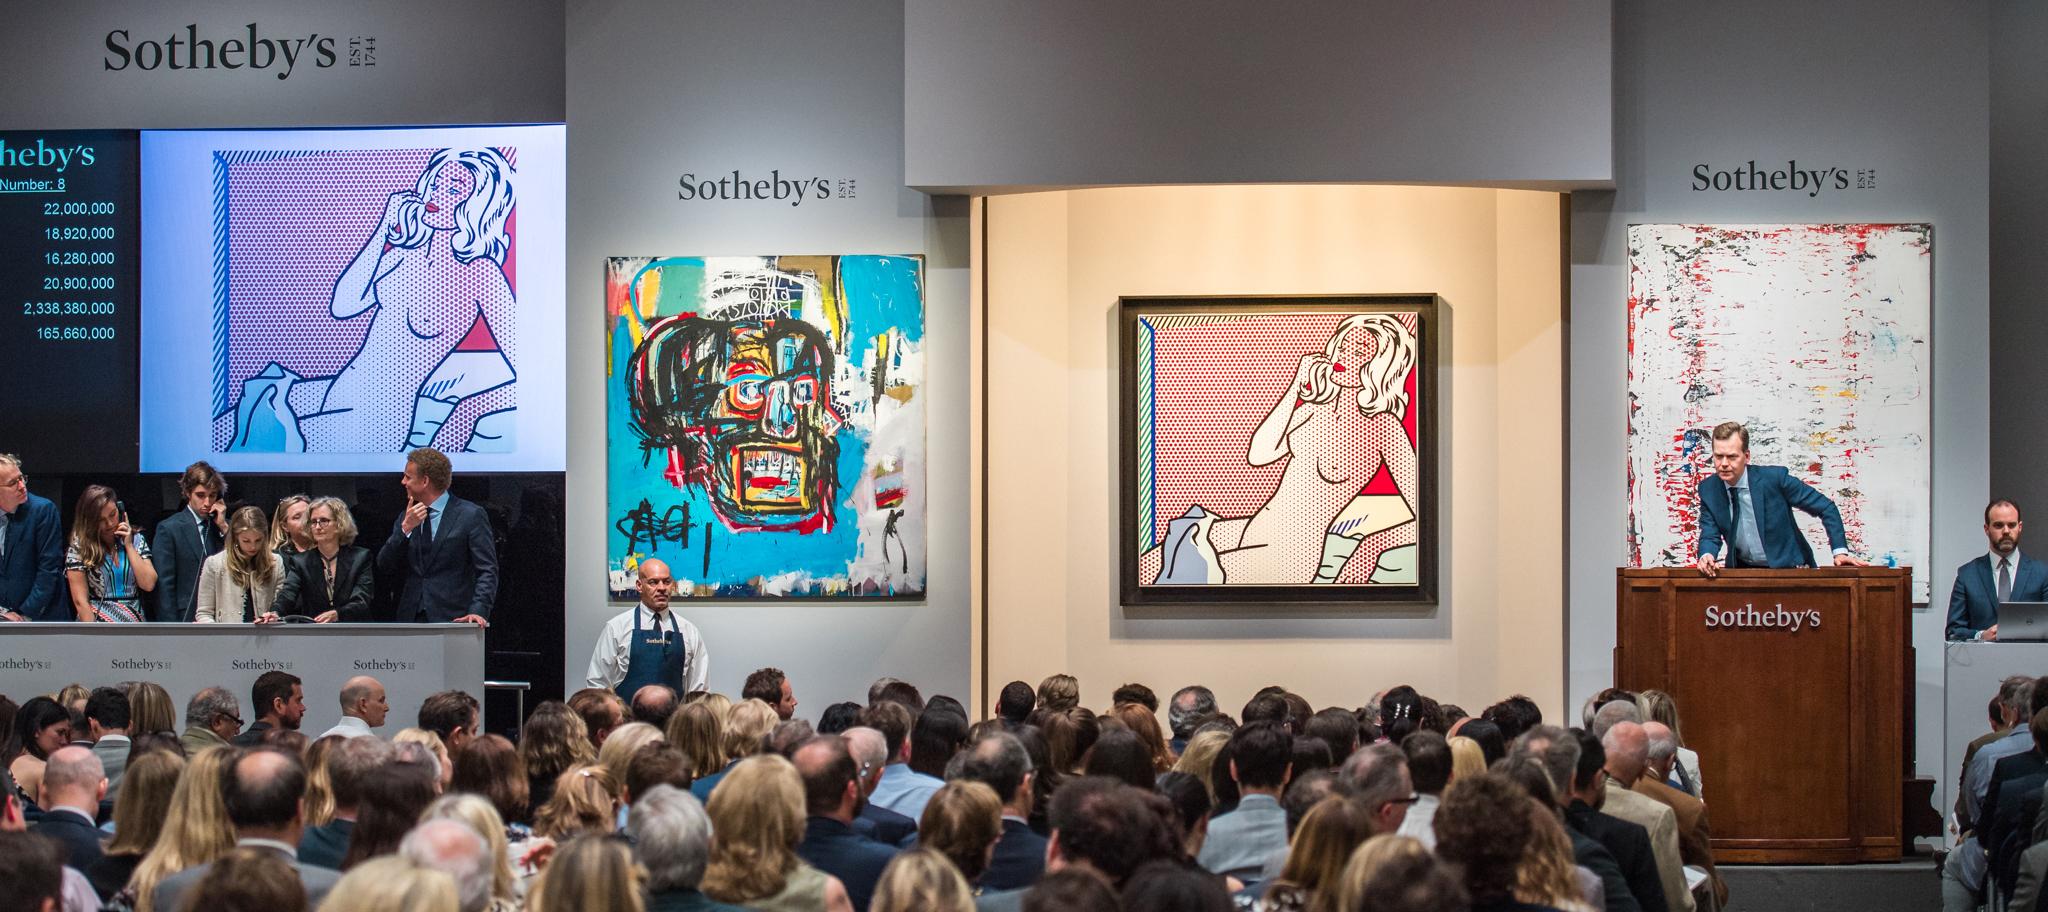 12 Essential Takeaways From Last Week's $1.6 Billion Art Auctions   artnet